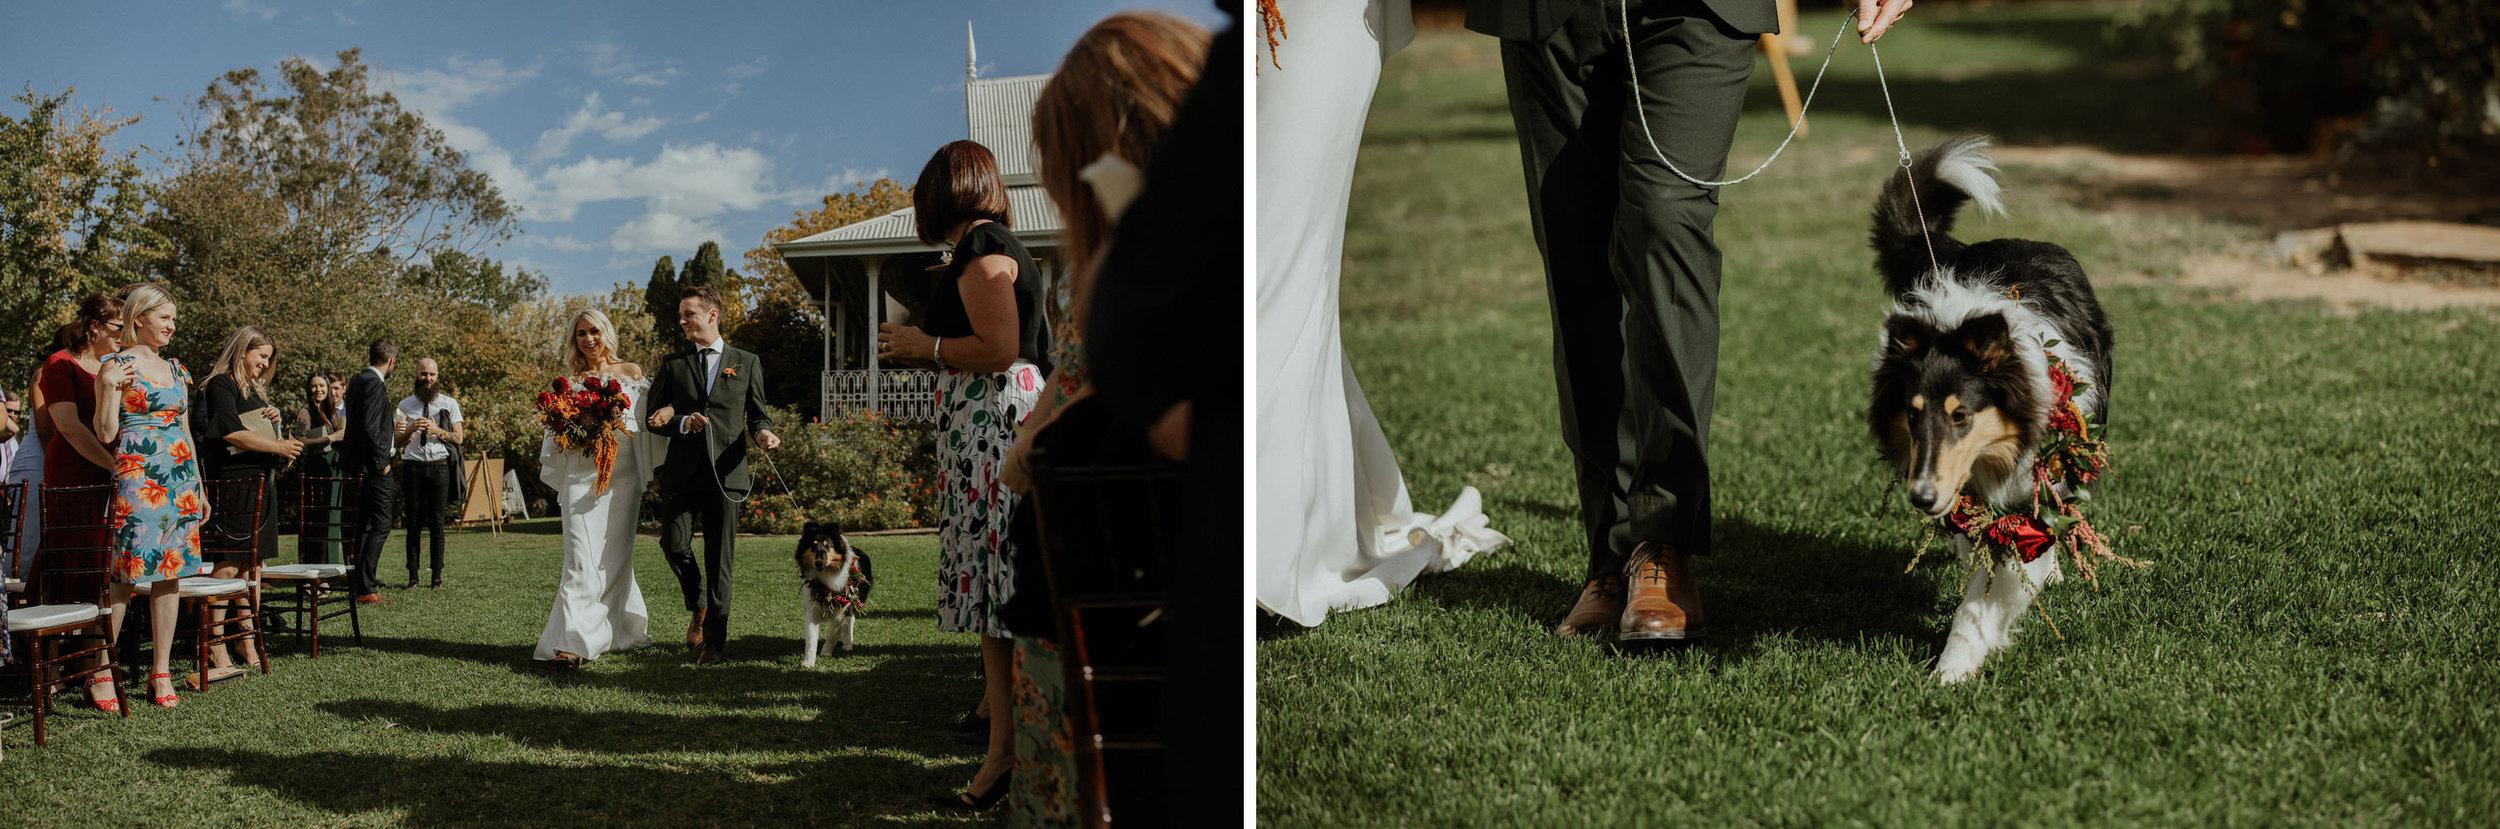 kimo-estate-wedding-photography-37.jpg